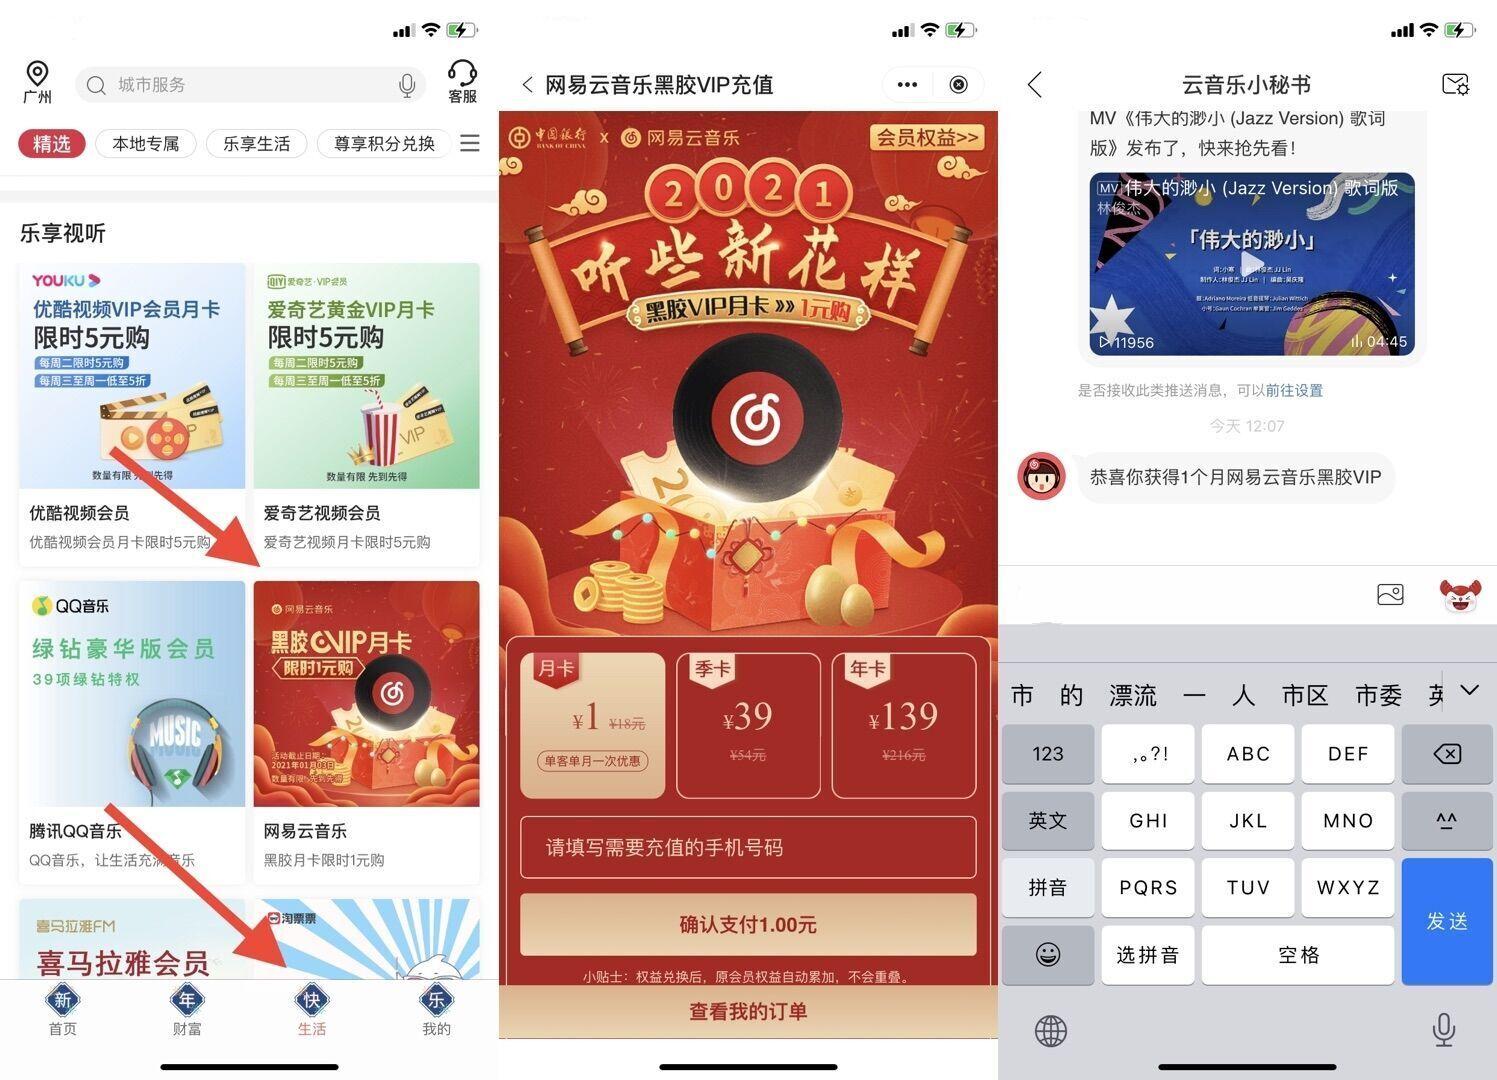 中国银行1元开通网易云音乐会员一个月